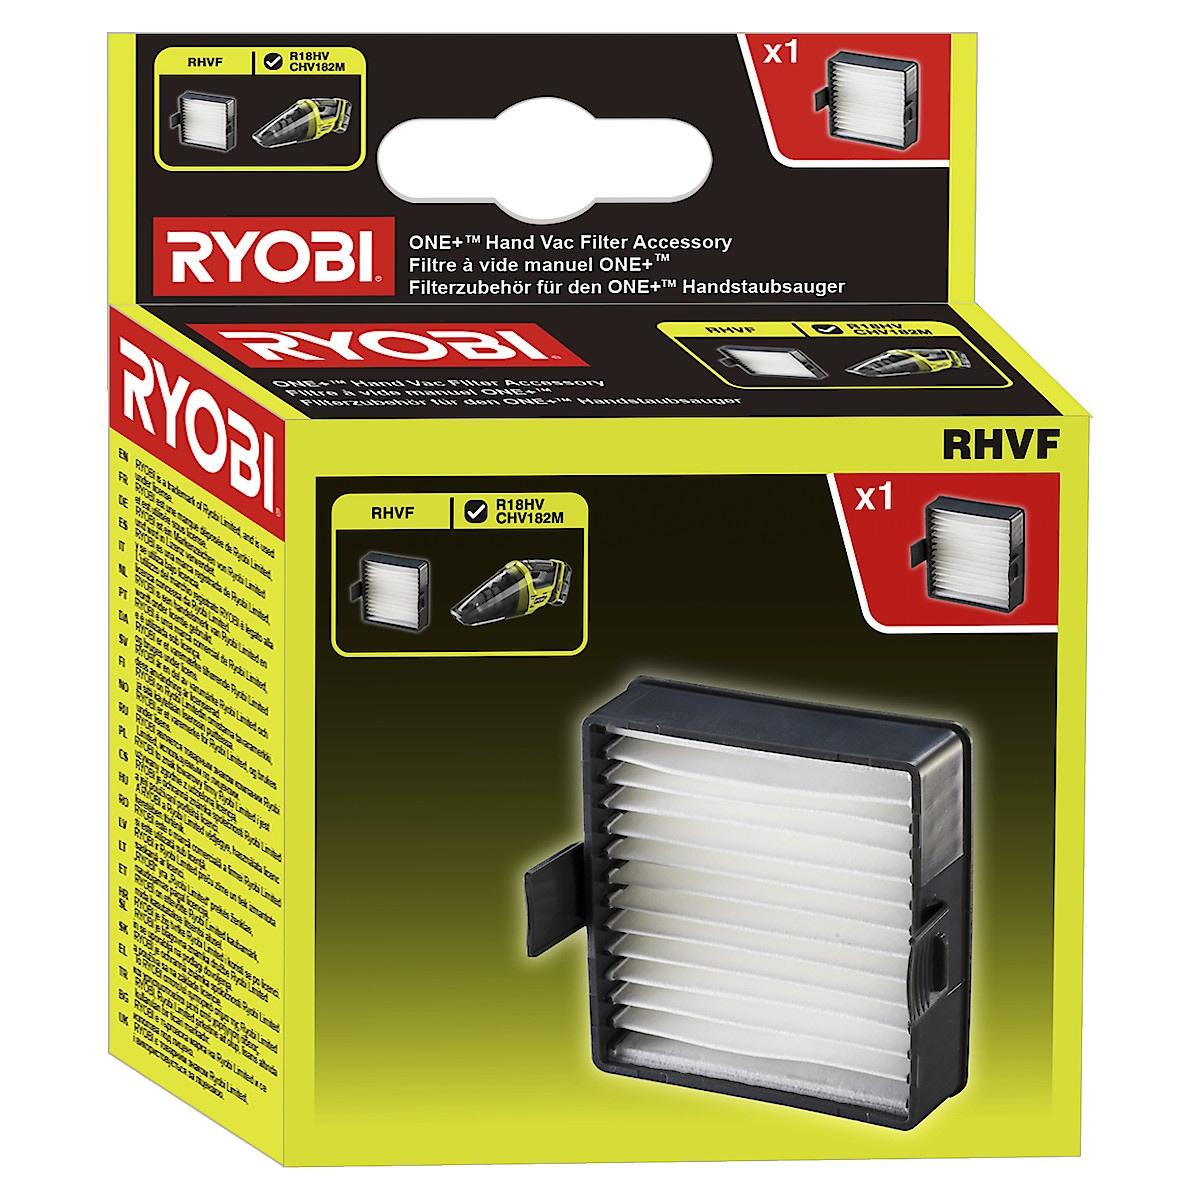 Filter till handdammsugare, Ryobi RHVF